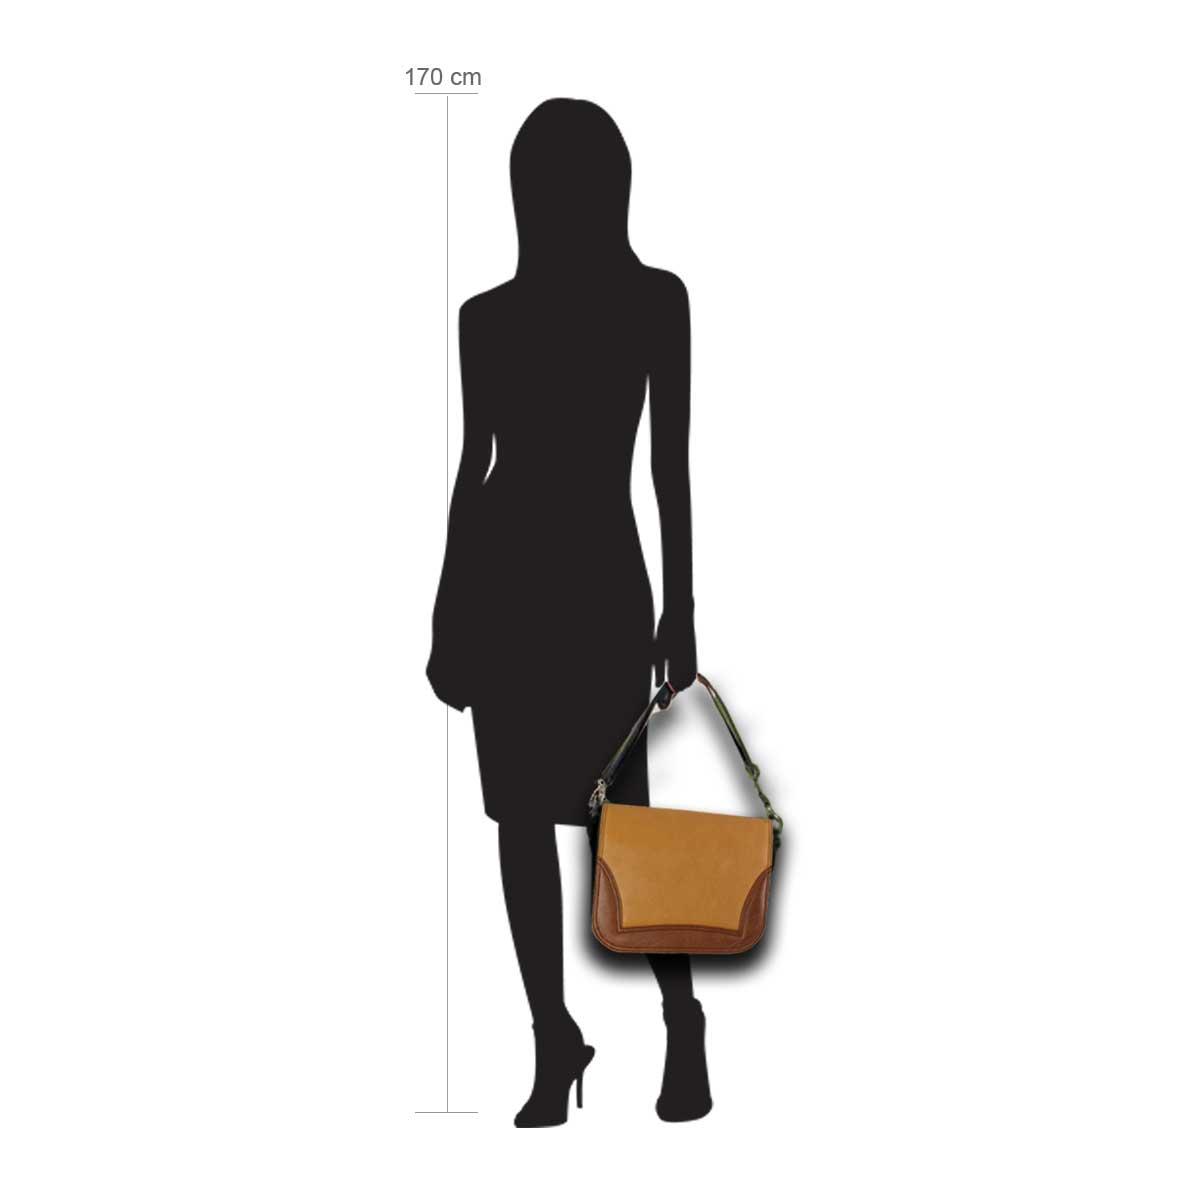 Modellpuppe 170 cm groß zeigt die Handtaschengröße an der Person Modell:Havanna